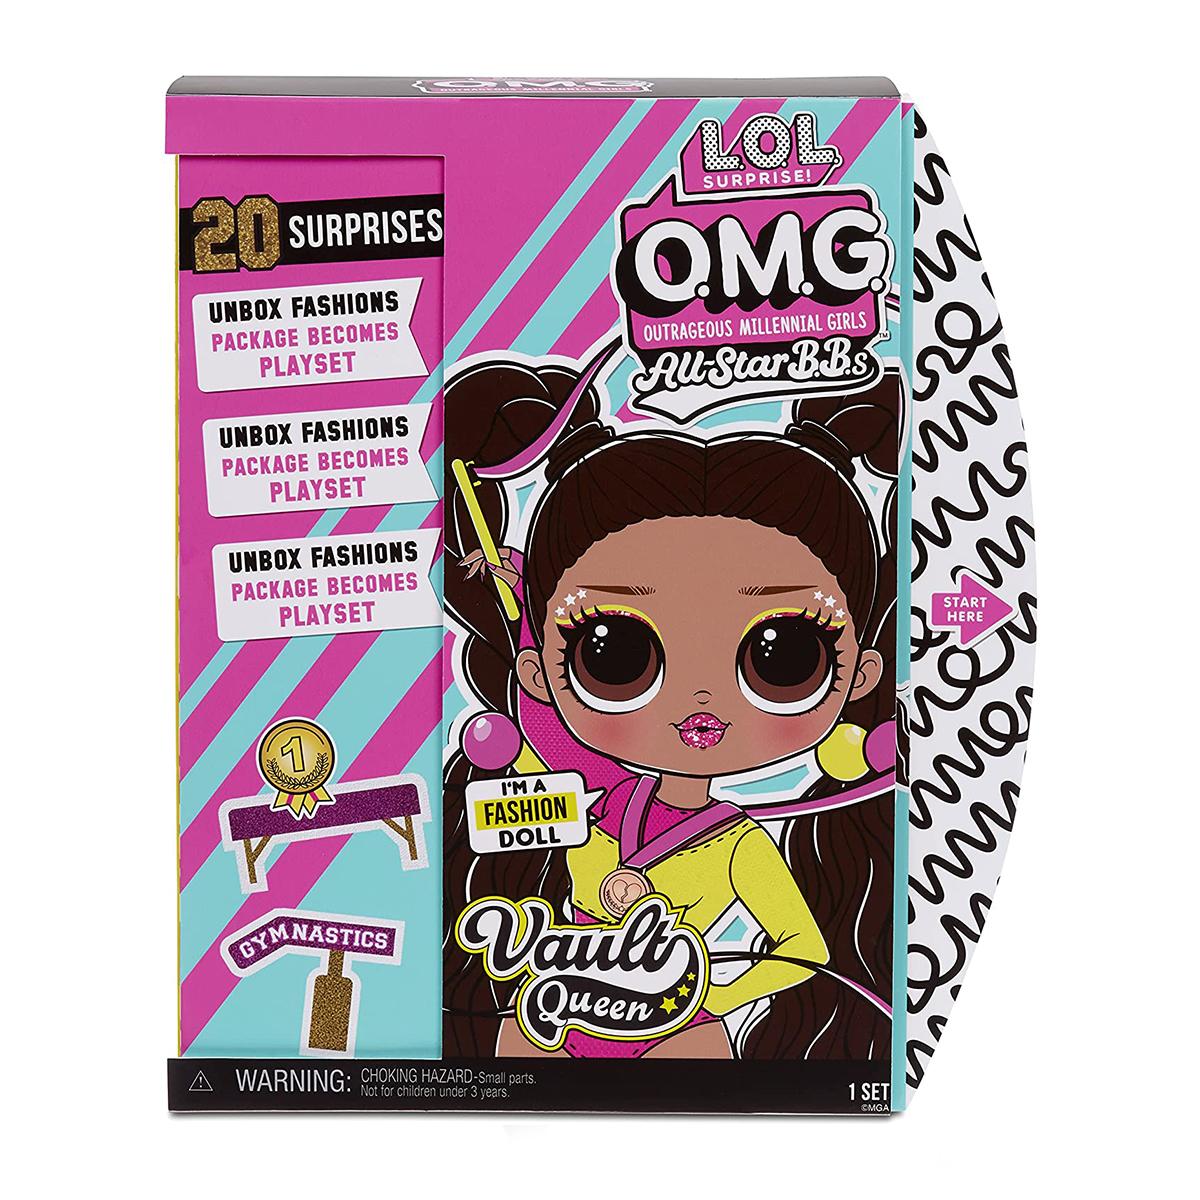 Papusa LOL Surprise OMG Sports, Vault Queen cu 20 de surprize, 577515EUC